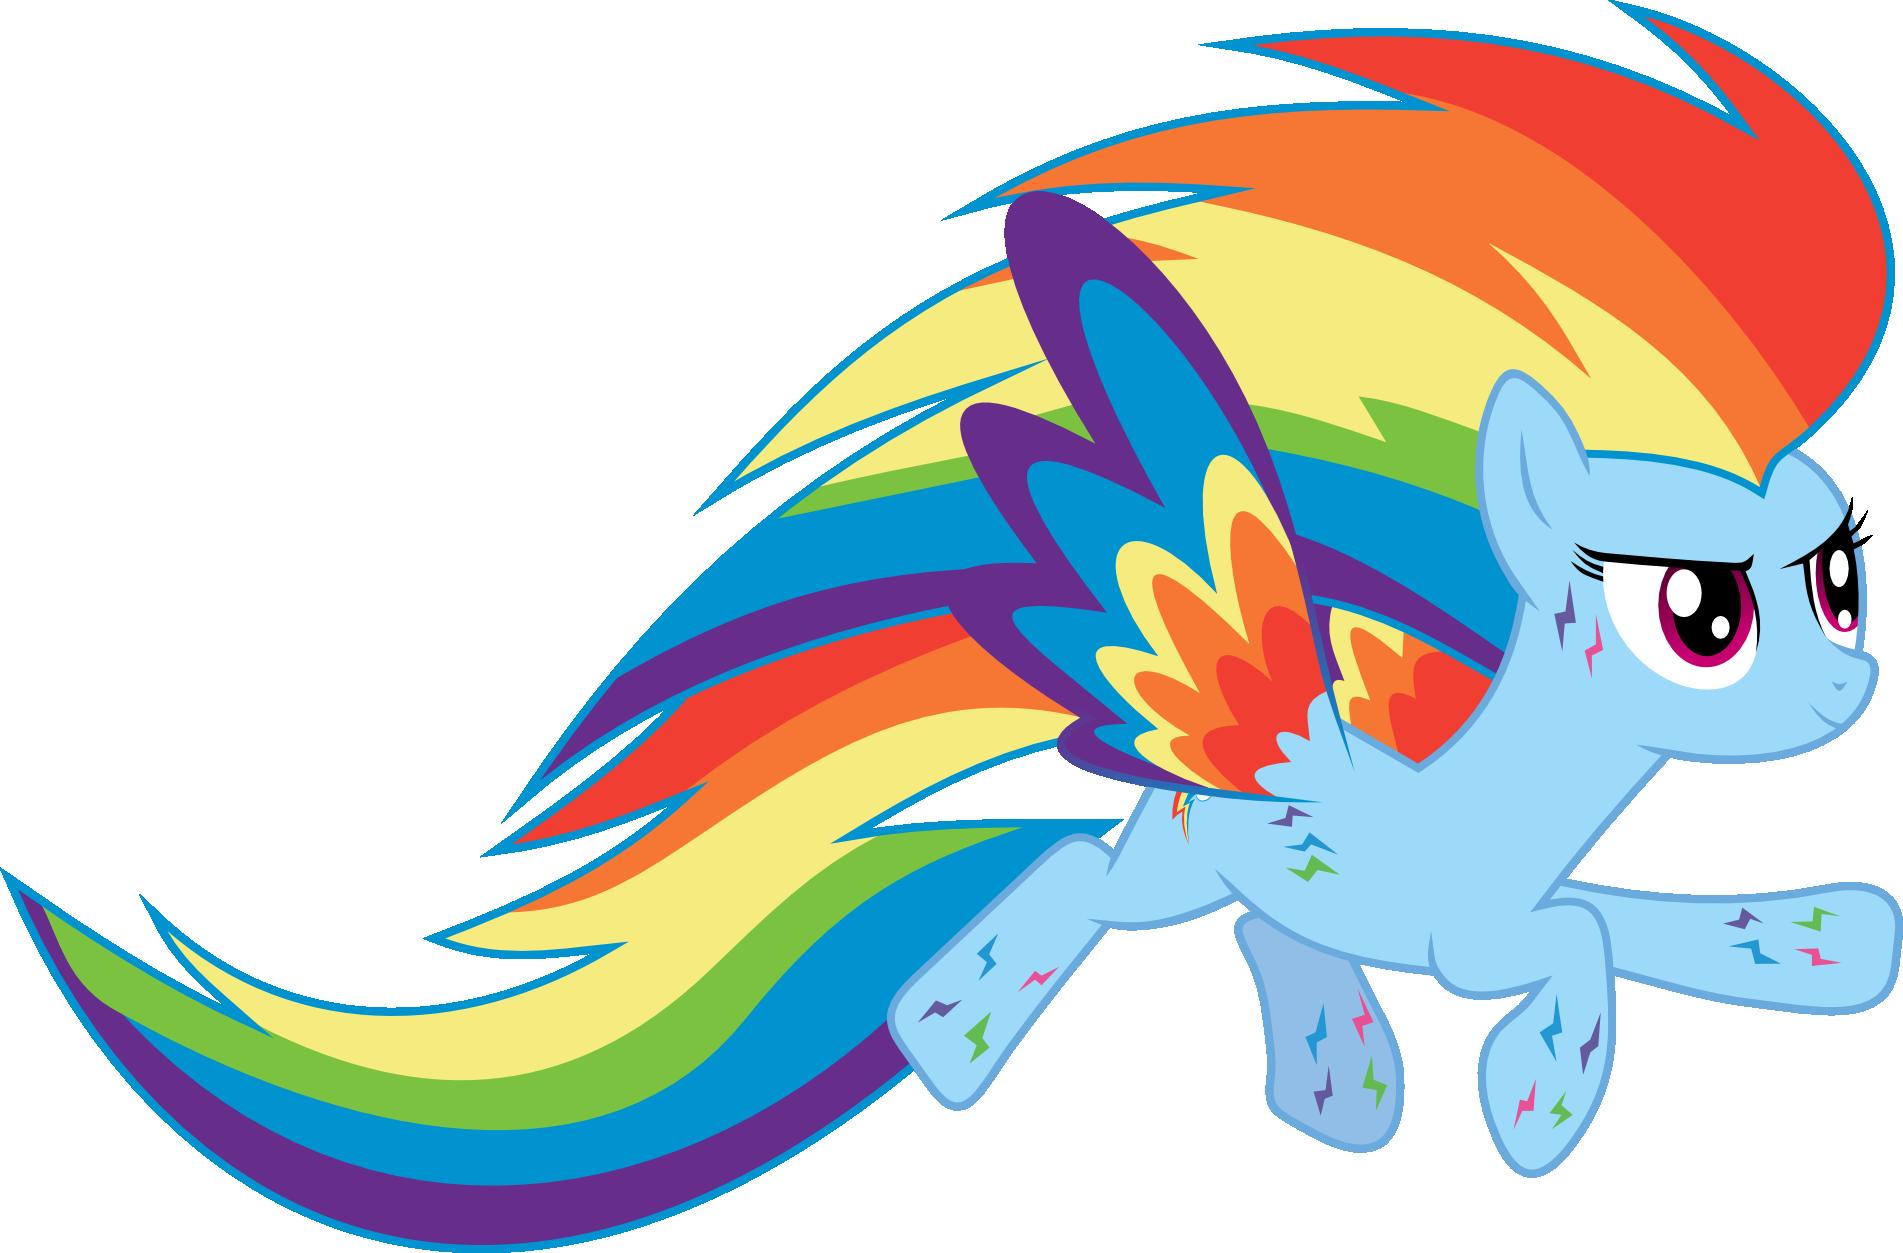 картинки пони рейнбоу дэш богато украшенную деталь